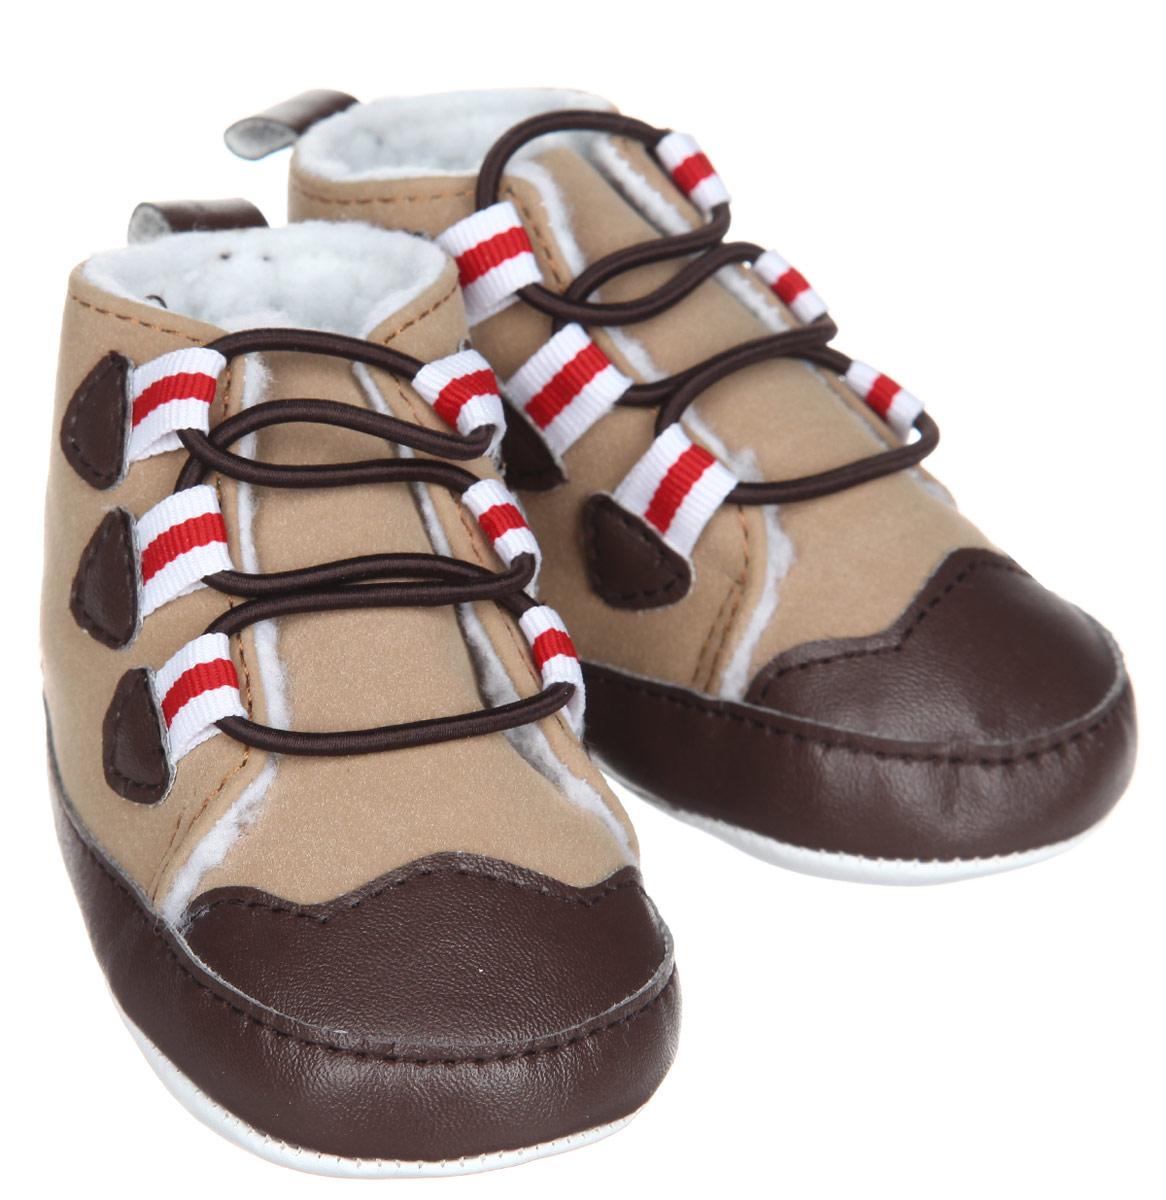 Пинетки для мальчика Теплые ботинки. 11784/1178111781Стильные пинетки для мальчика Luvable Friends Теплые ботинки отлично подойдут для носки в прохладную погоду. Изделие выполнено из искусственной замши. В качестве подкладки используется искусственная шерсть - шерпа, которая сохранит ножки ребенка в тепле. Модель дополнена эластичной шнуровкой, надежно фиксирующей пинетки на ножке младенца. На стопе предусмотрен прорезиненный рельефный рисунок, благодаря которому ребенок не будет скользить. Мягкие, не сдавливающие ножку материалы делают модель практичной и популярной. Такие пинетки - отличное решение для малышей и их родителей!